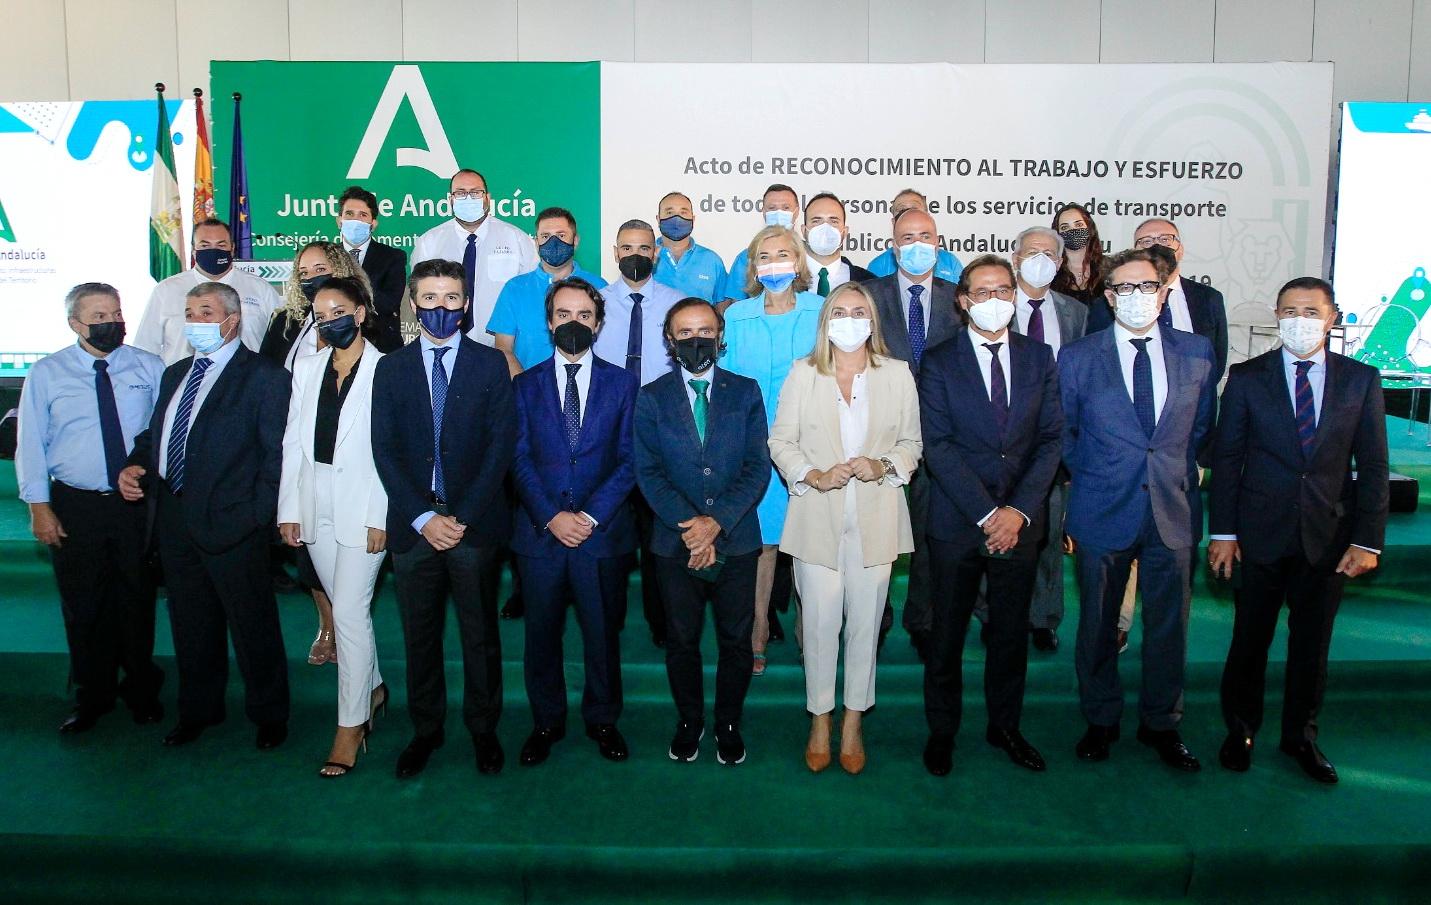 La Junta reconoce el trabajo de los servicios de transporte público durante la pandemia